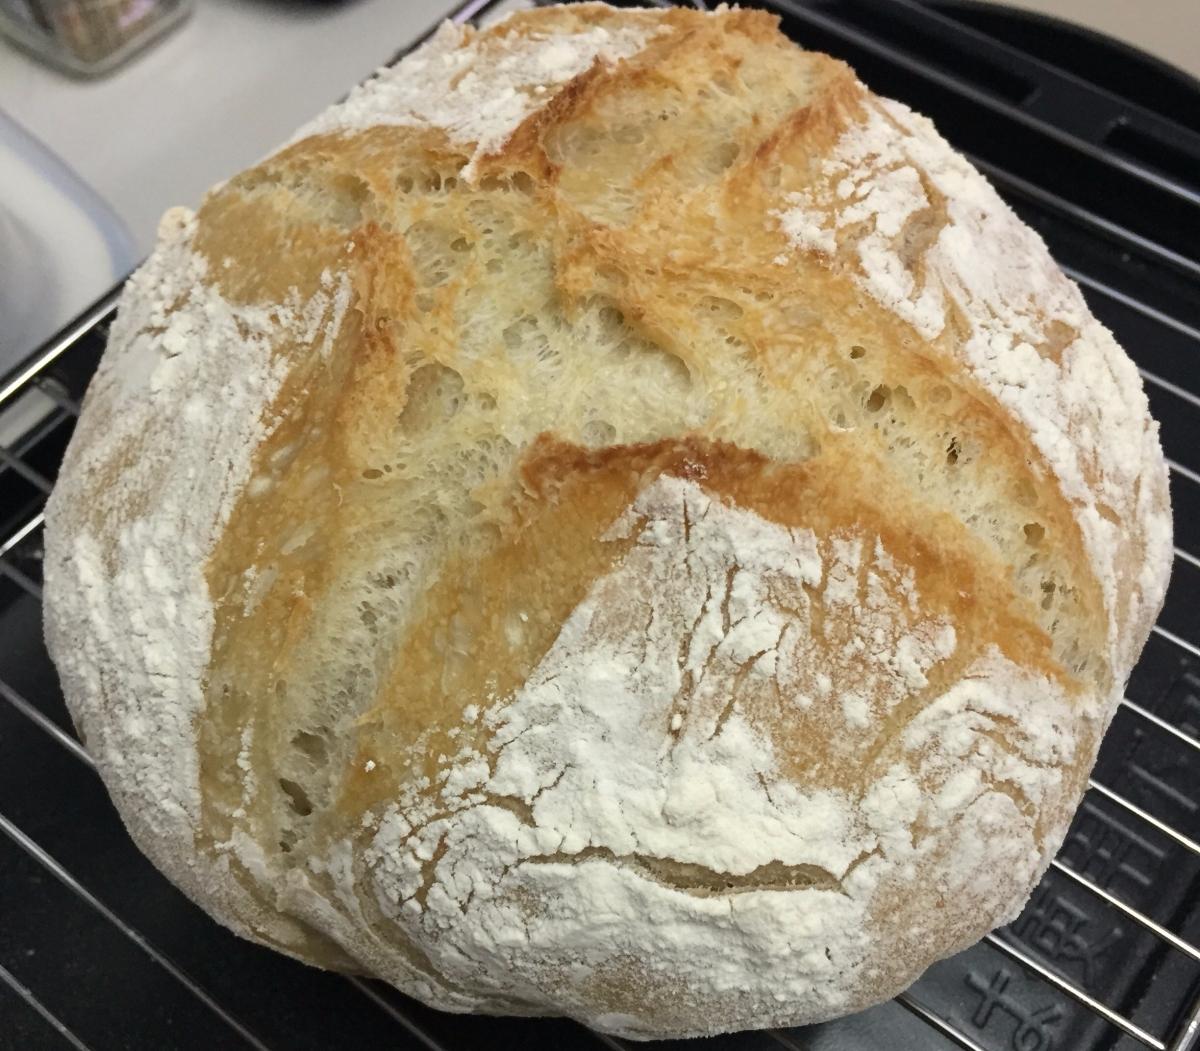 免揉麵包,真的這樣神奇?No-knead Bread, is this a magic?